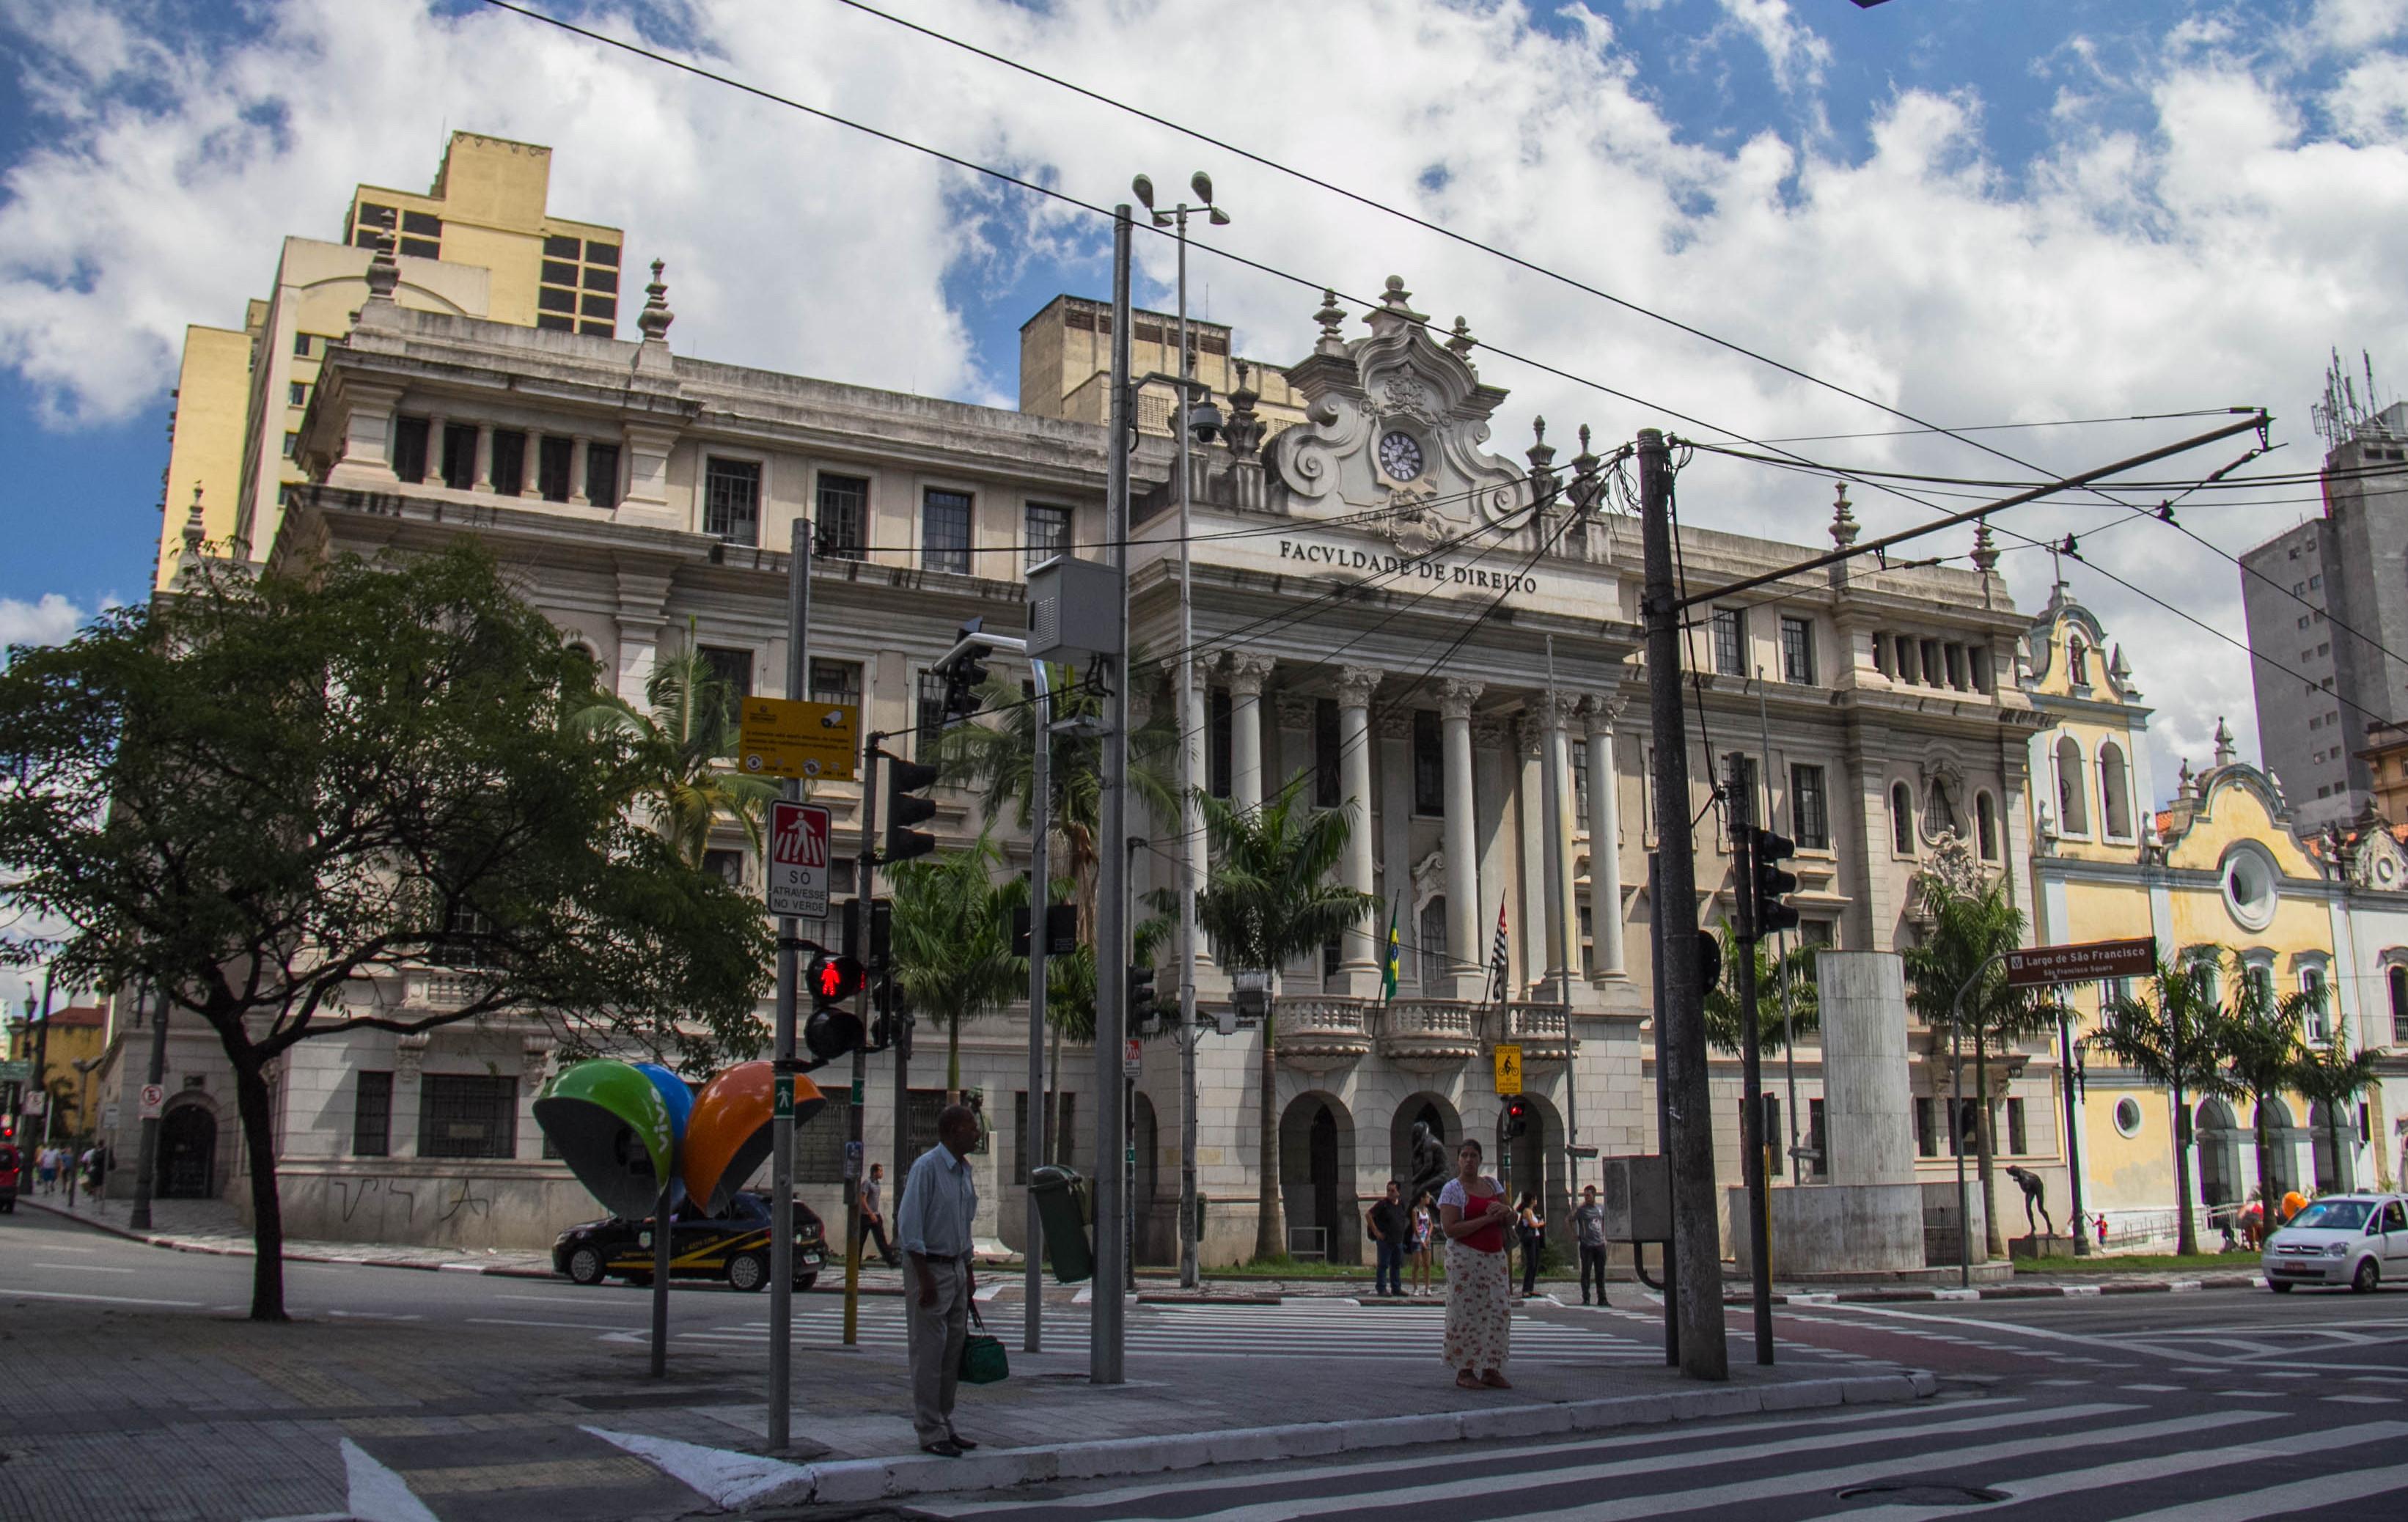 Veja o que saiu no Migalhas sobre Faculdade de Direito da Universidade de São Paulo